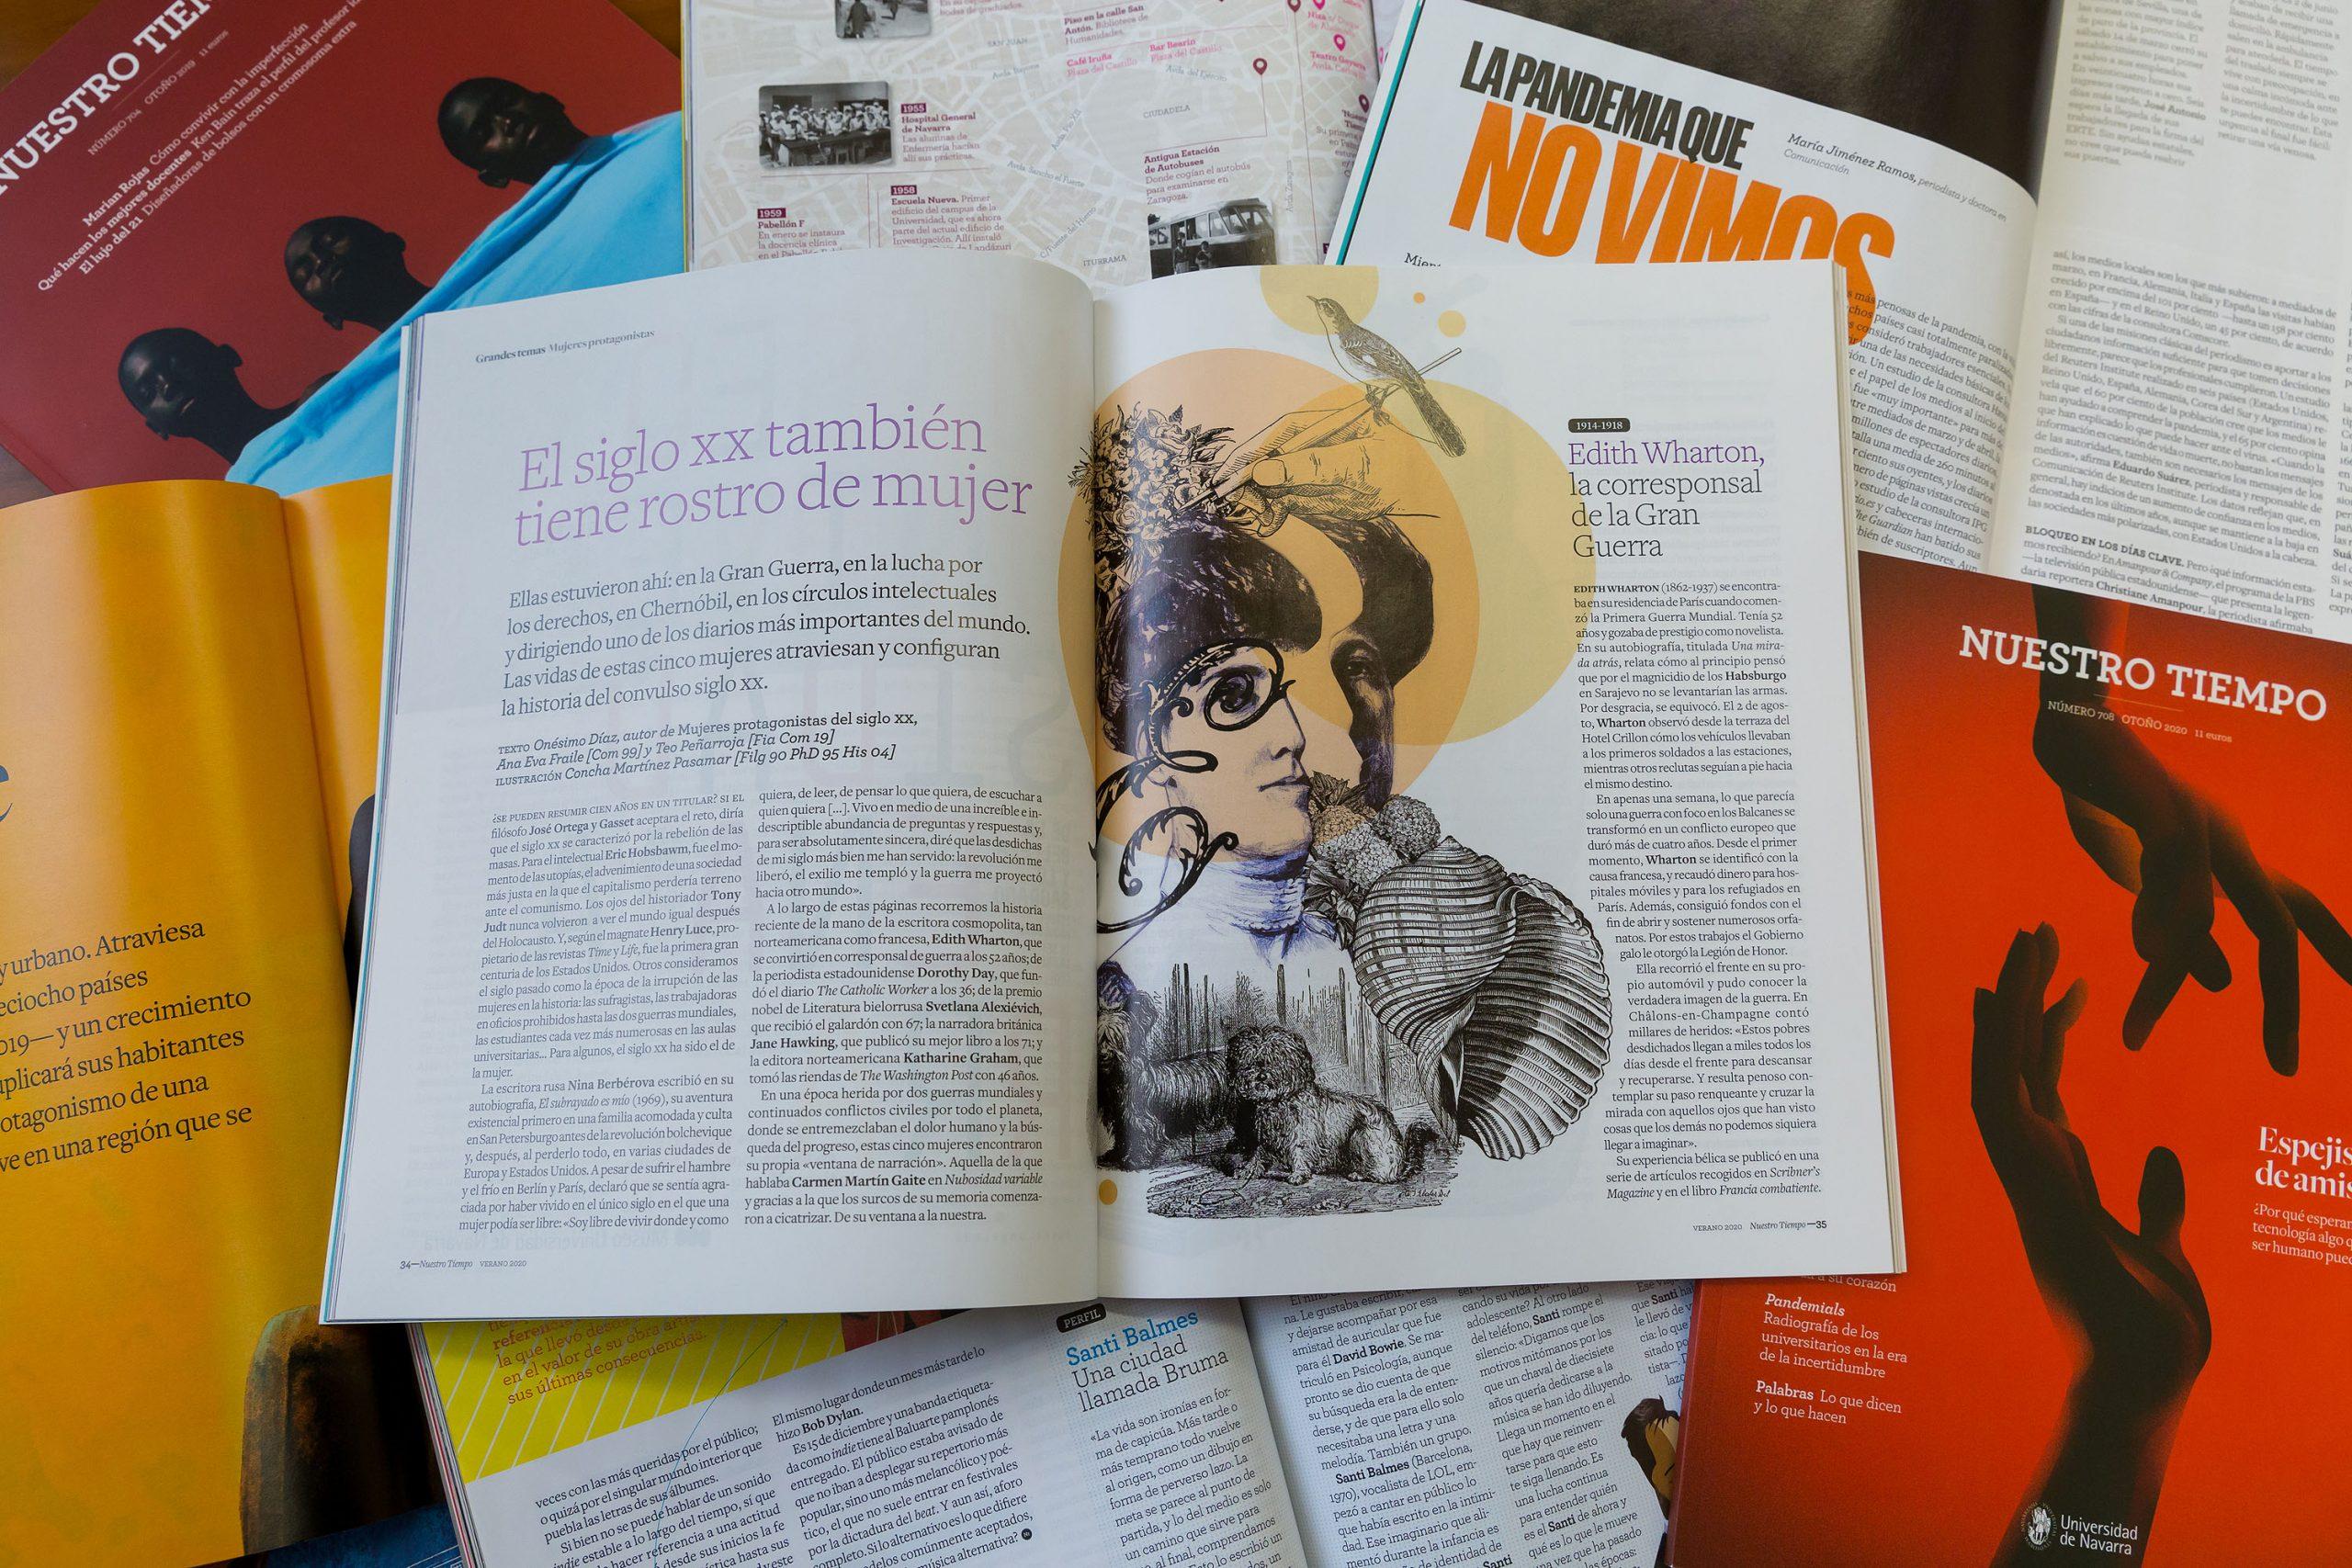 La revista Nuestro Tiempo, de la Universidad de Navarra, oro al mejor diseño